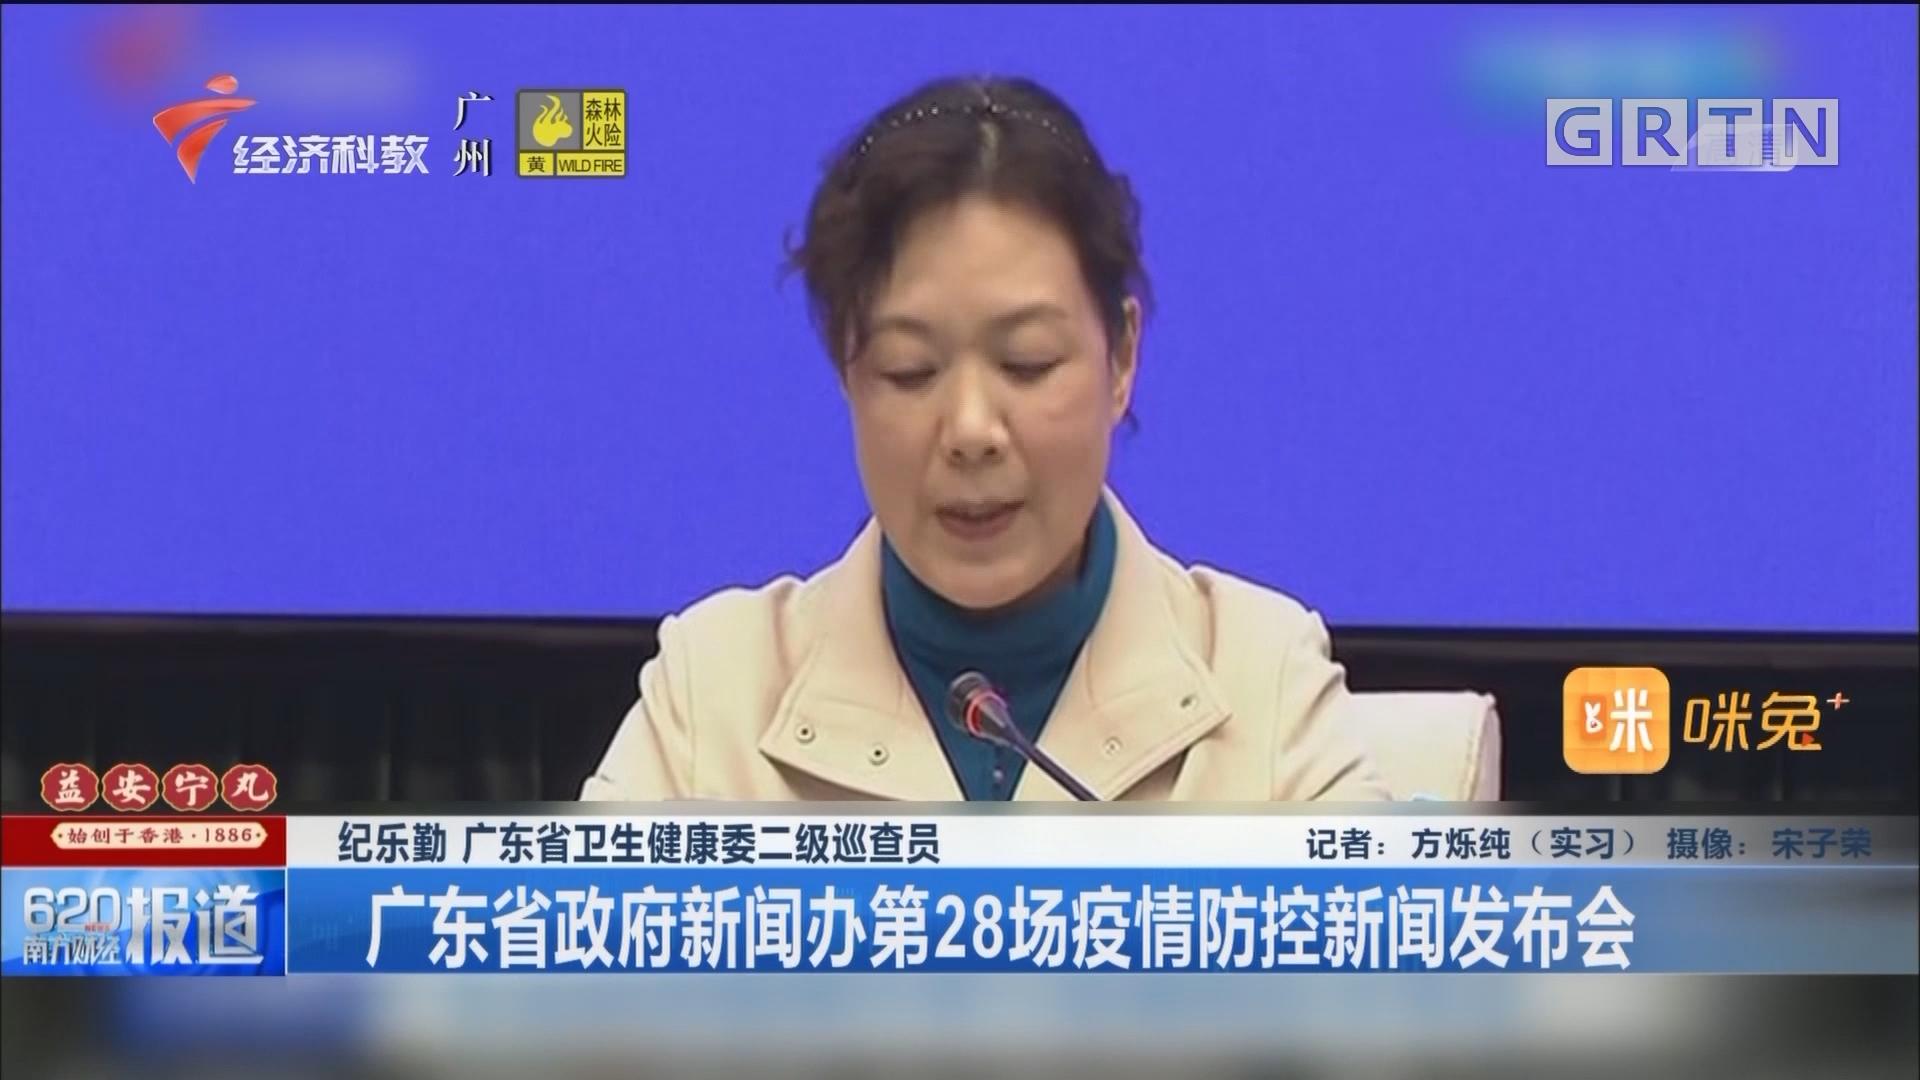 广东省政府新闻办第28场疫情防控新闻发布会